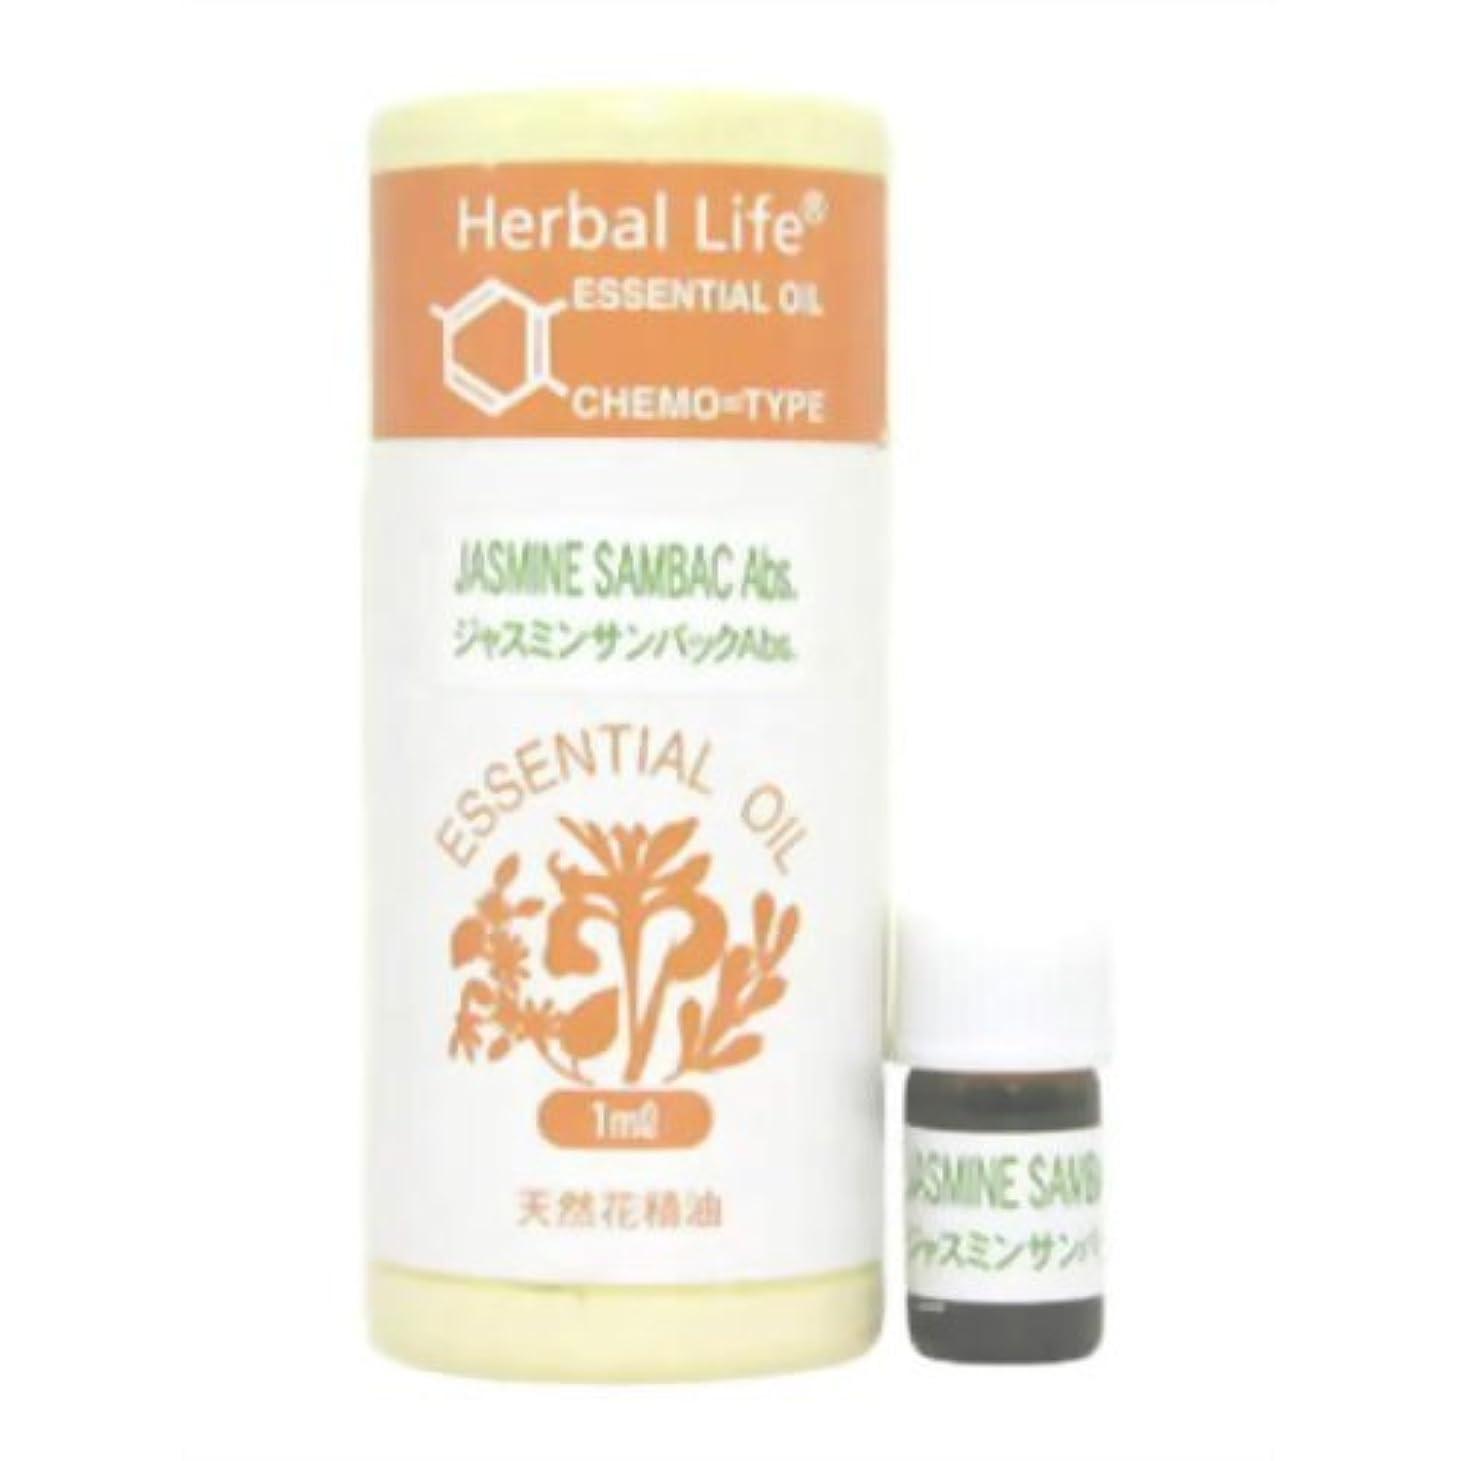 バケツ別々に共和国Herbal Life ジャスミンサンバックAbs 1ml